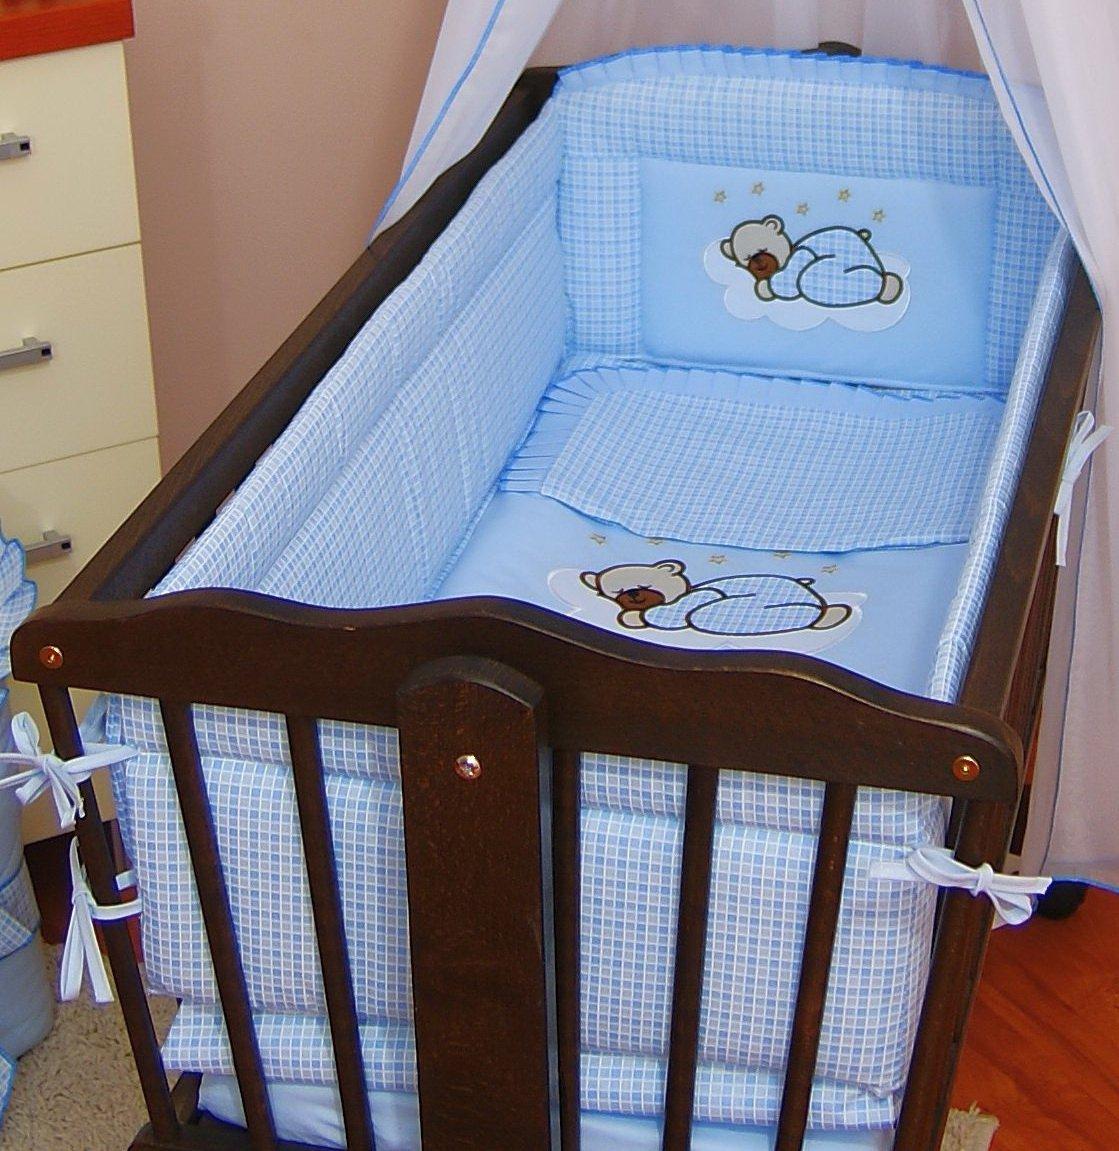 Umrandende Babybettsicherung, ca. 260cm lang, vollständig gepolstert, geeignet für Schaukelbett/Wiege ca. 260cm lang vollständig gepolstert COKAY LTD